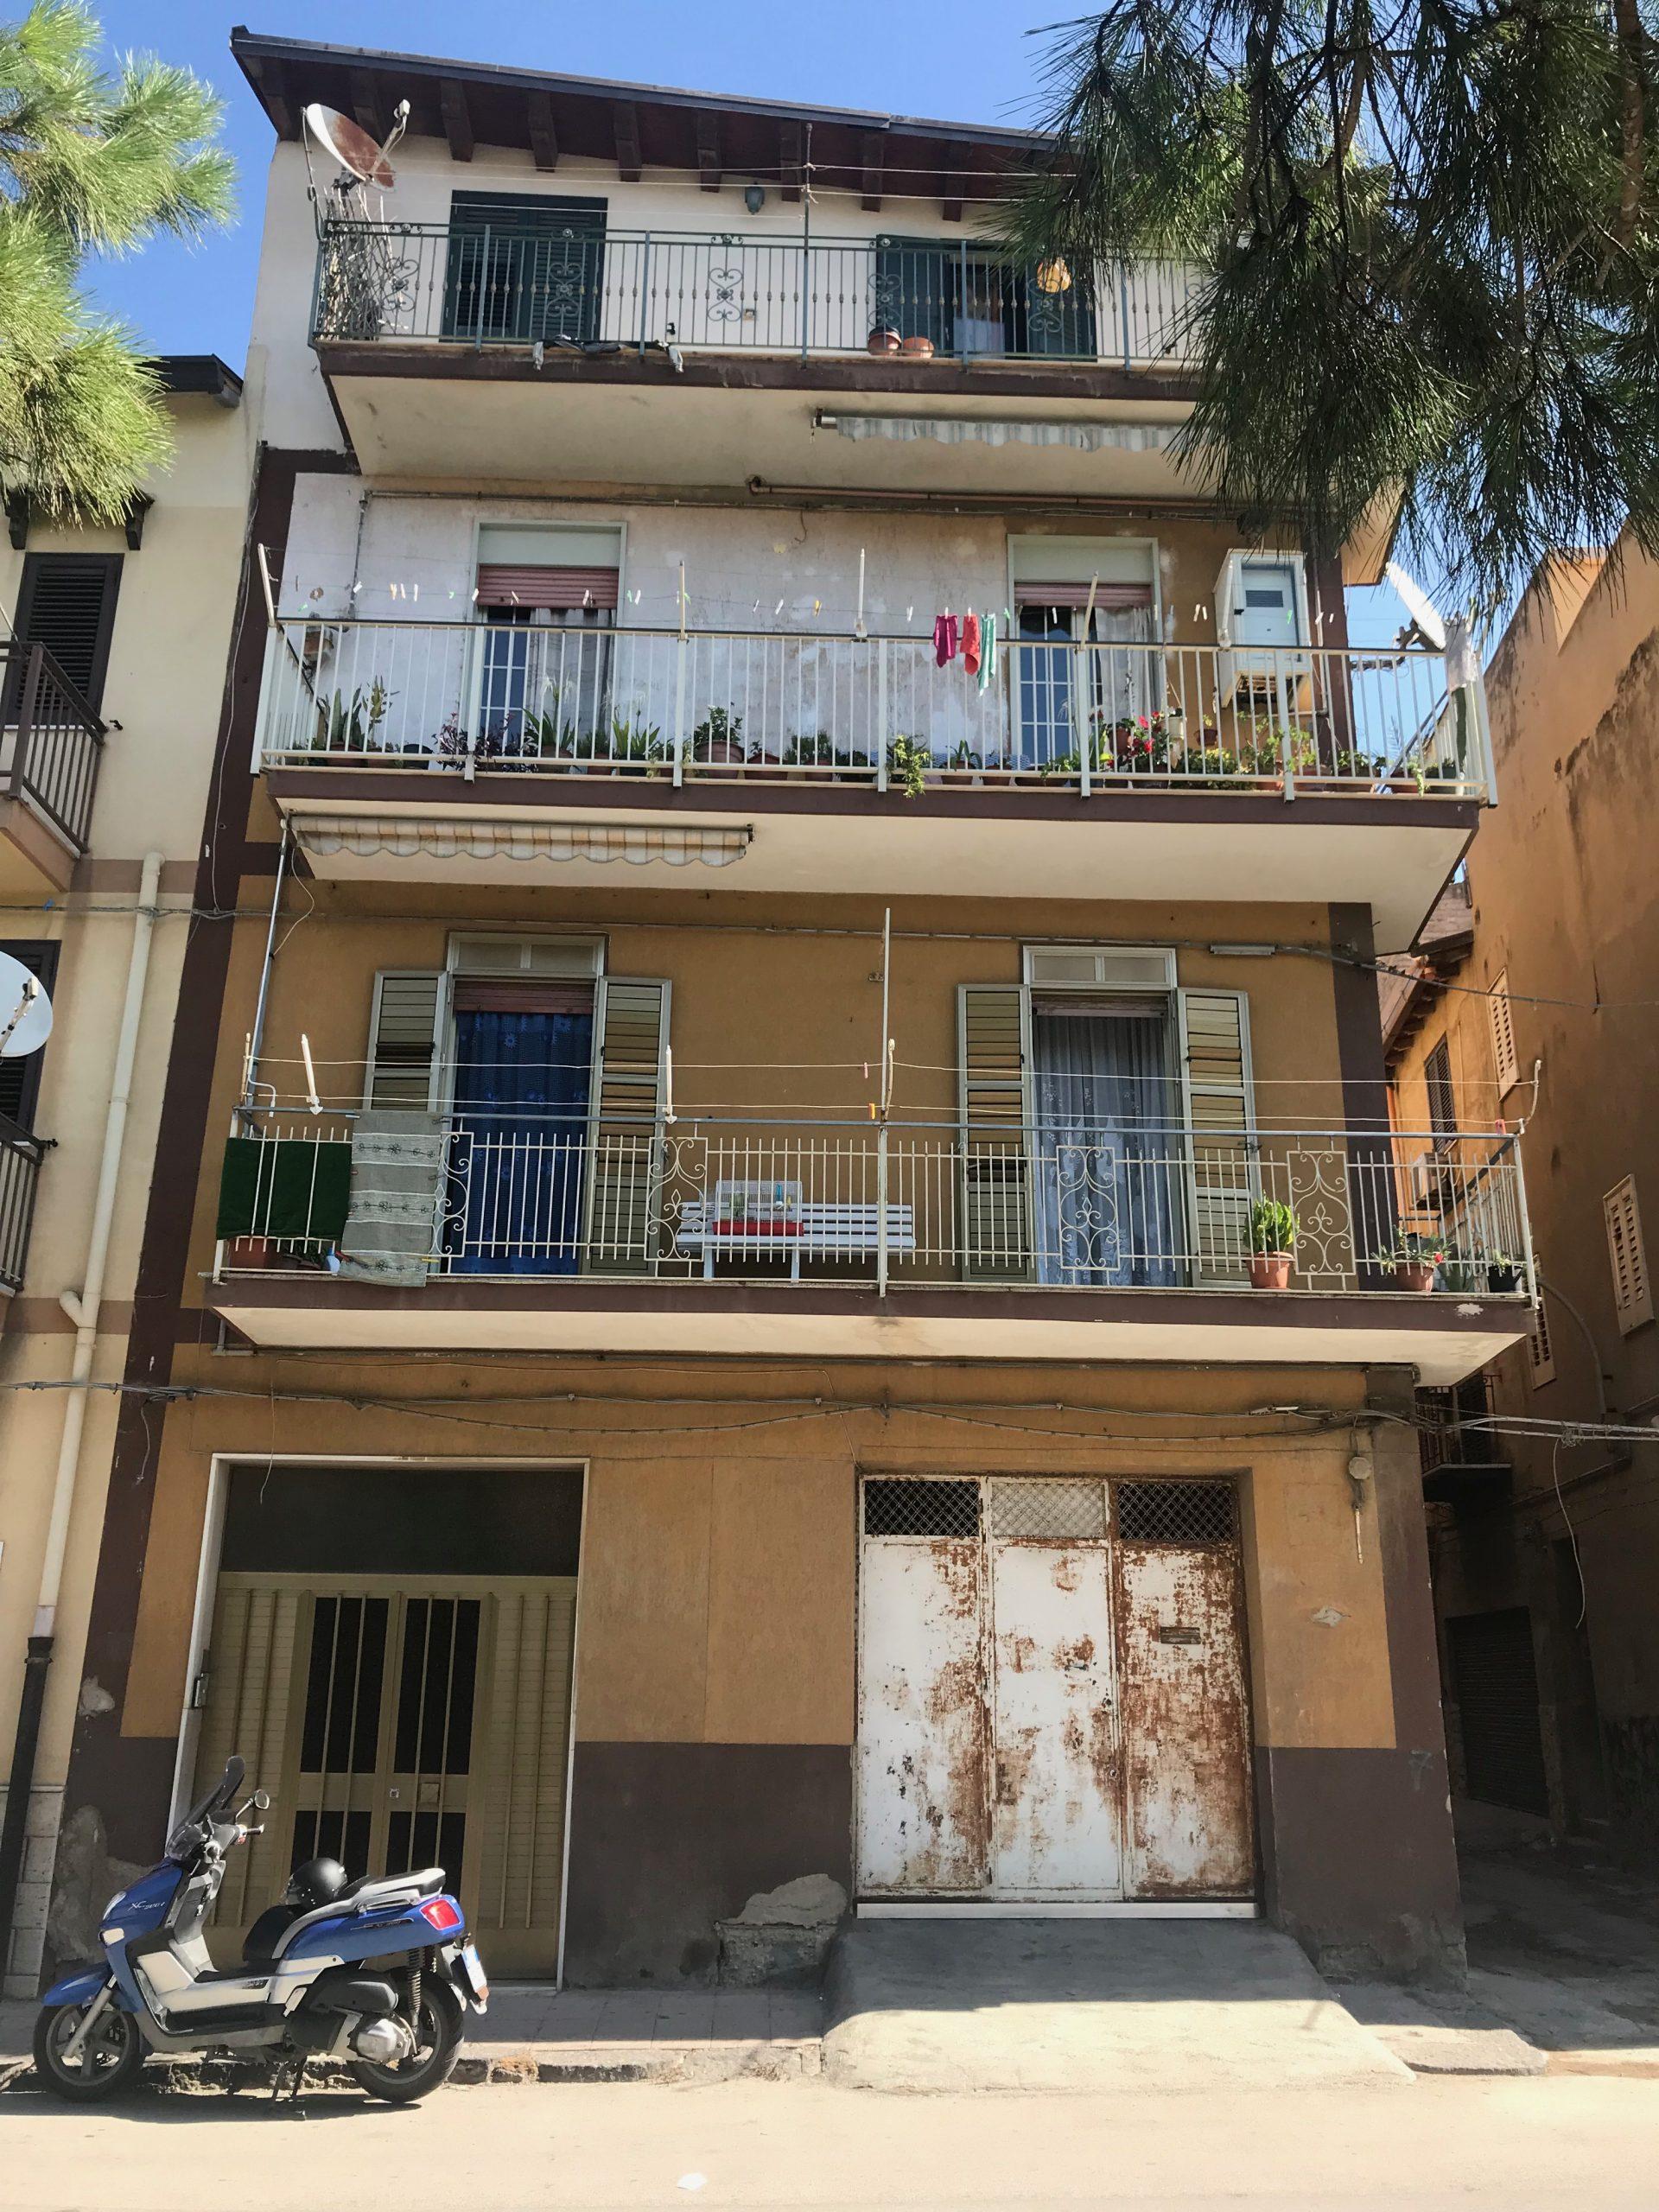 Appartamento su due piani in vendita in via Salso, 12, Licata